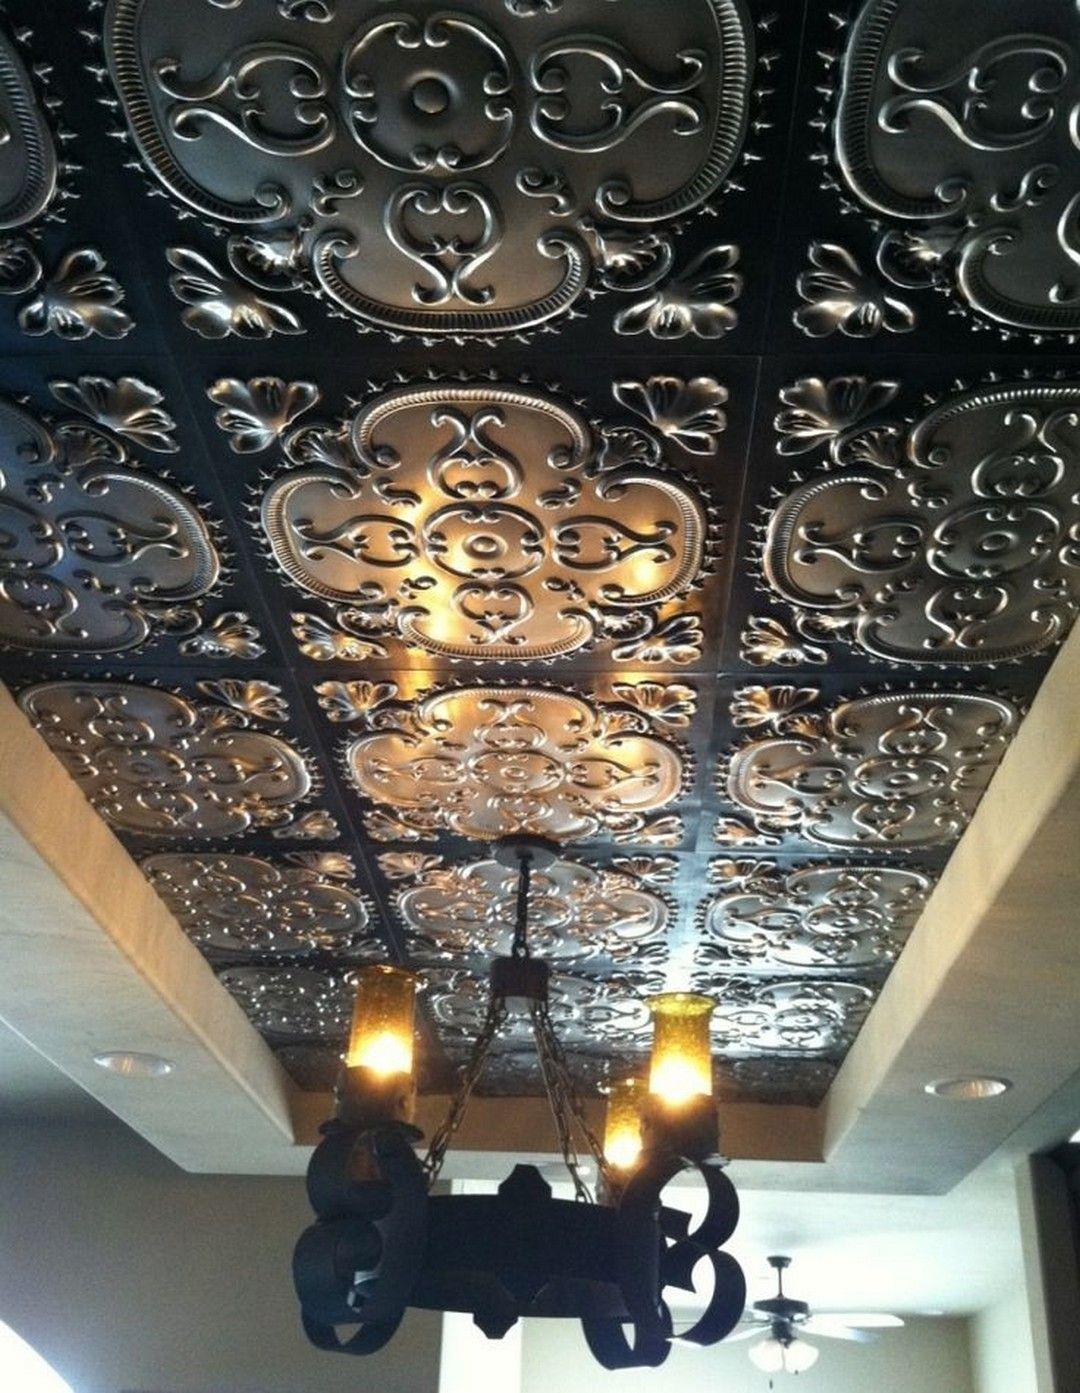 Epingle Par Marie Roberge Sur Mur Plafond Plancher Casa Decoration Deco Interieure Decoration Interieure